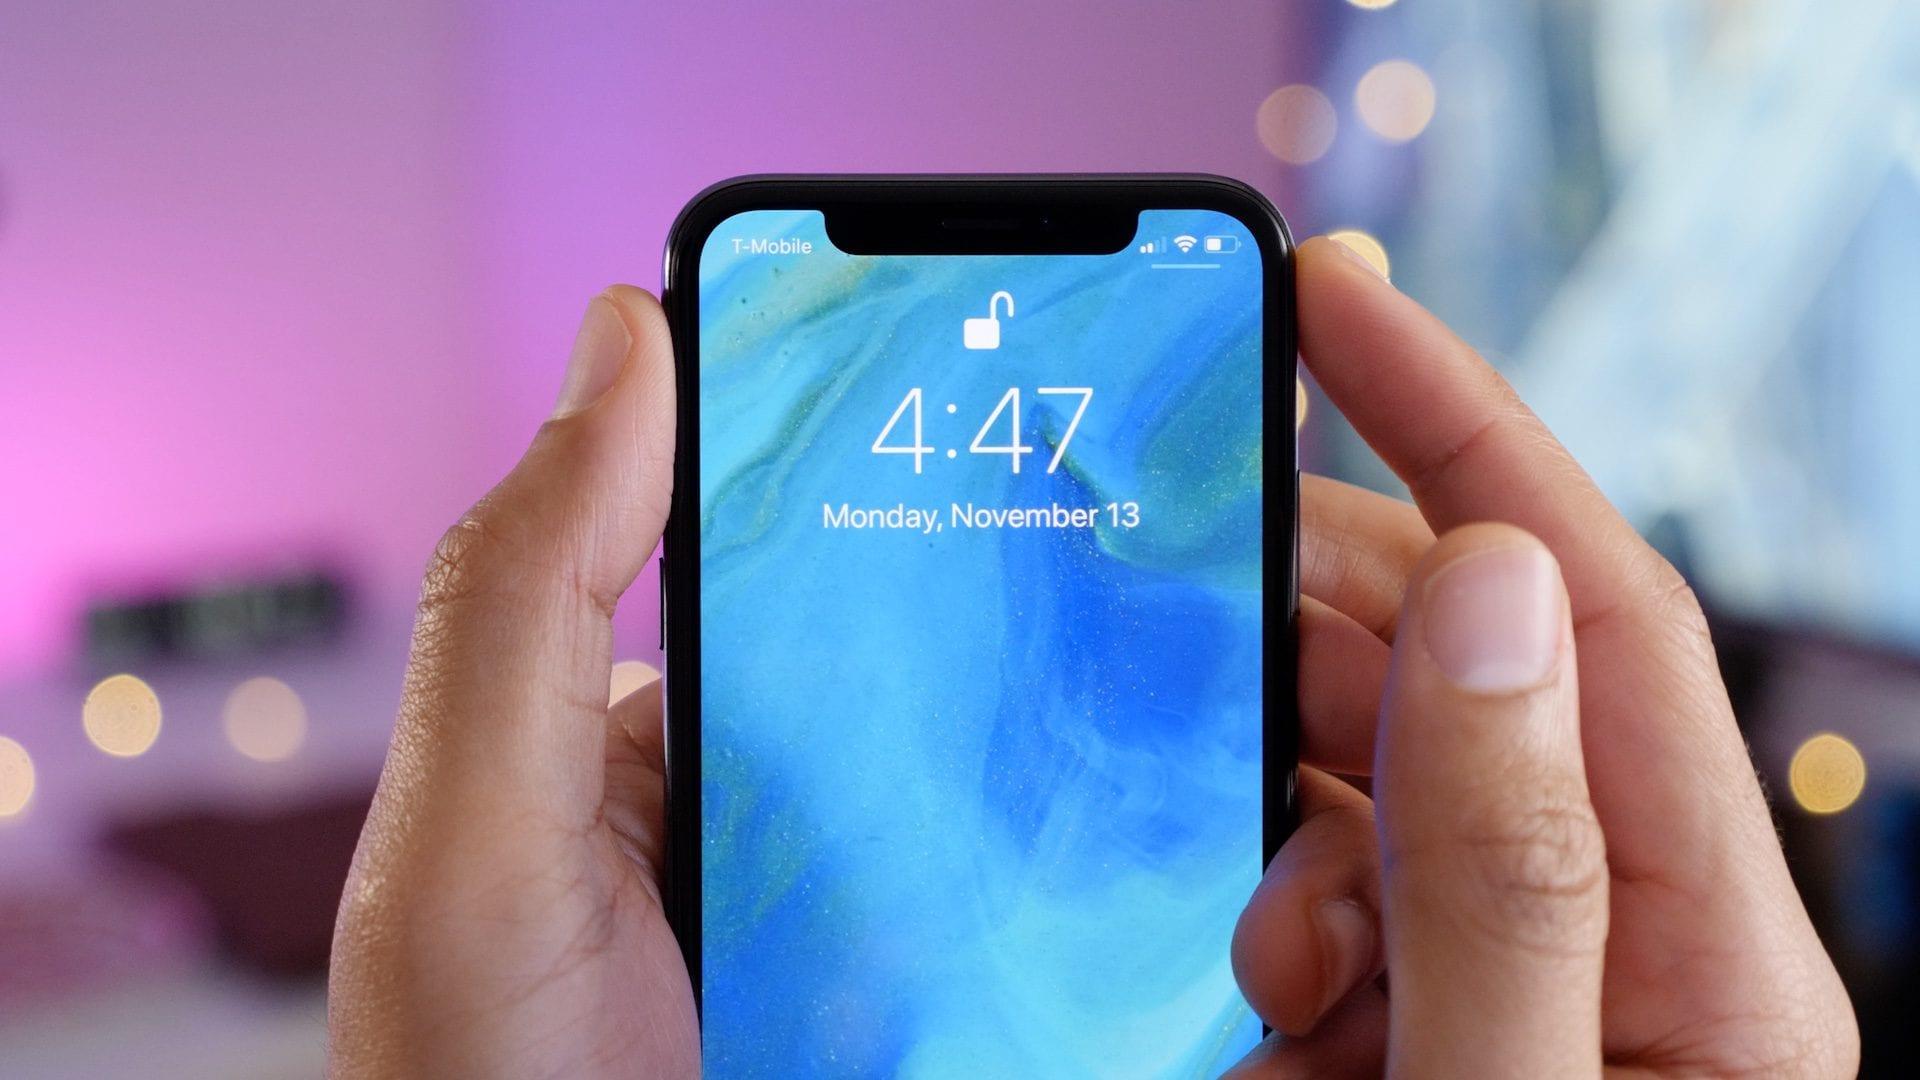 iPhone X: cinque funzioni che Apple dovrebbe implementare per migliorarne l'utilizzo